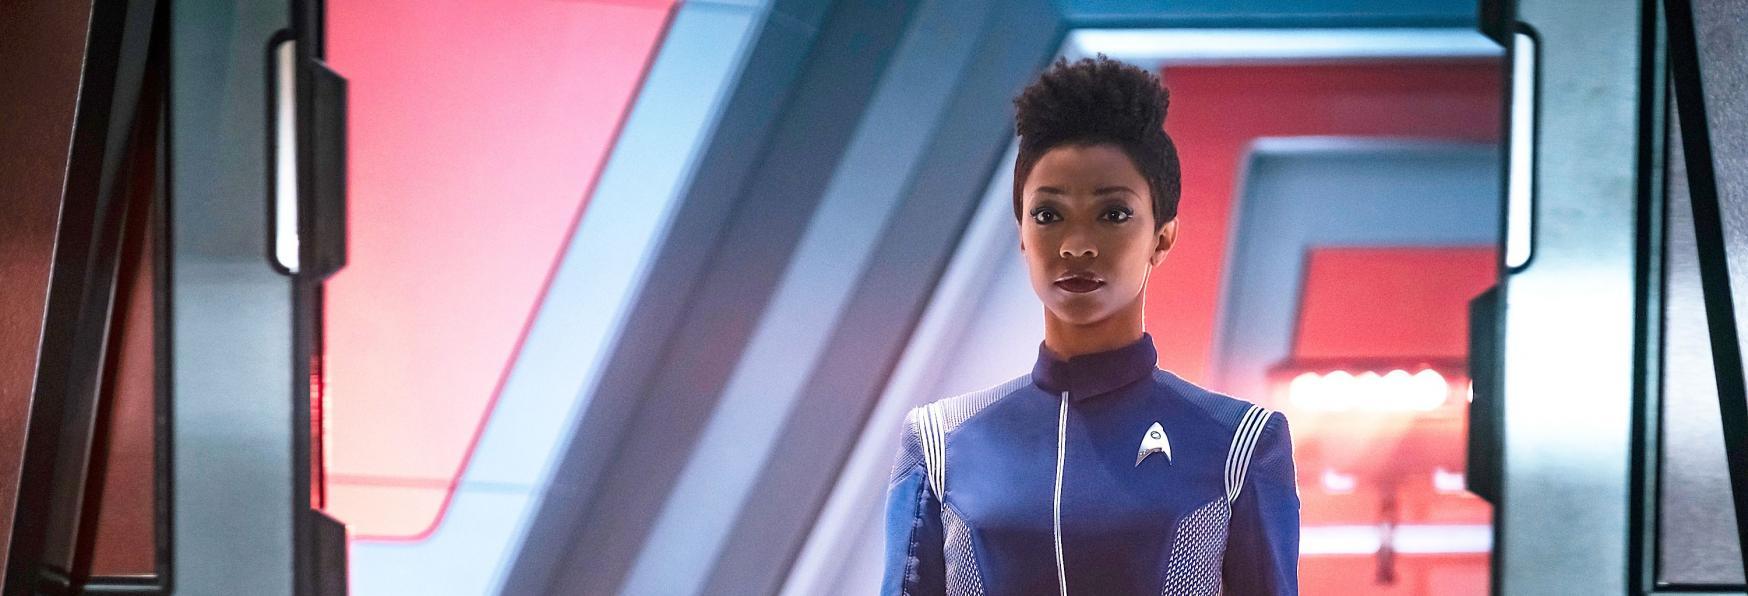 Star Trek: Discovery 3 - Il Teaser Trailer Ufficiale della nuova Stagione